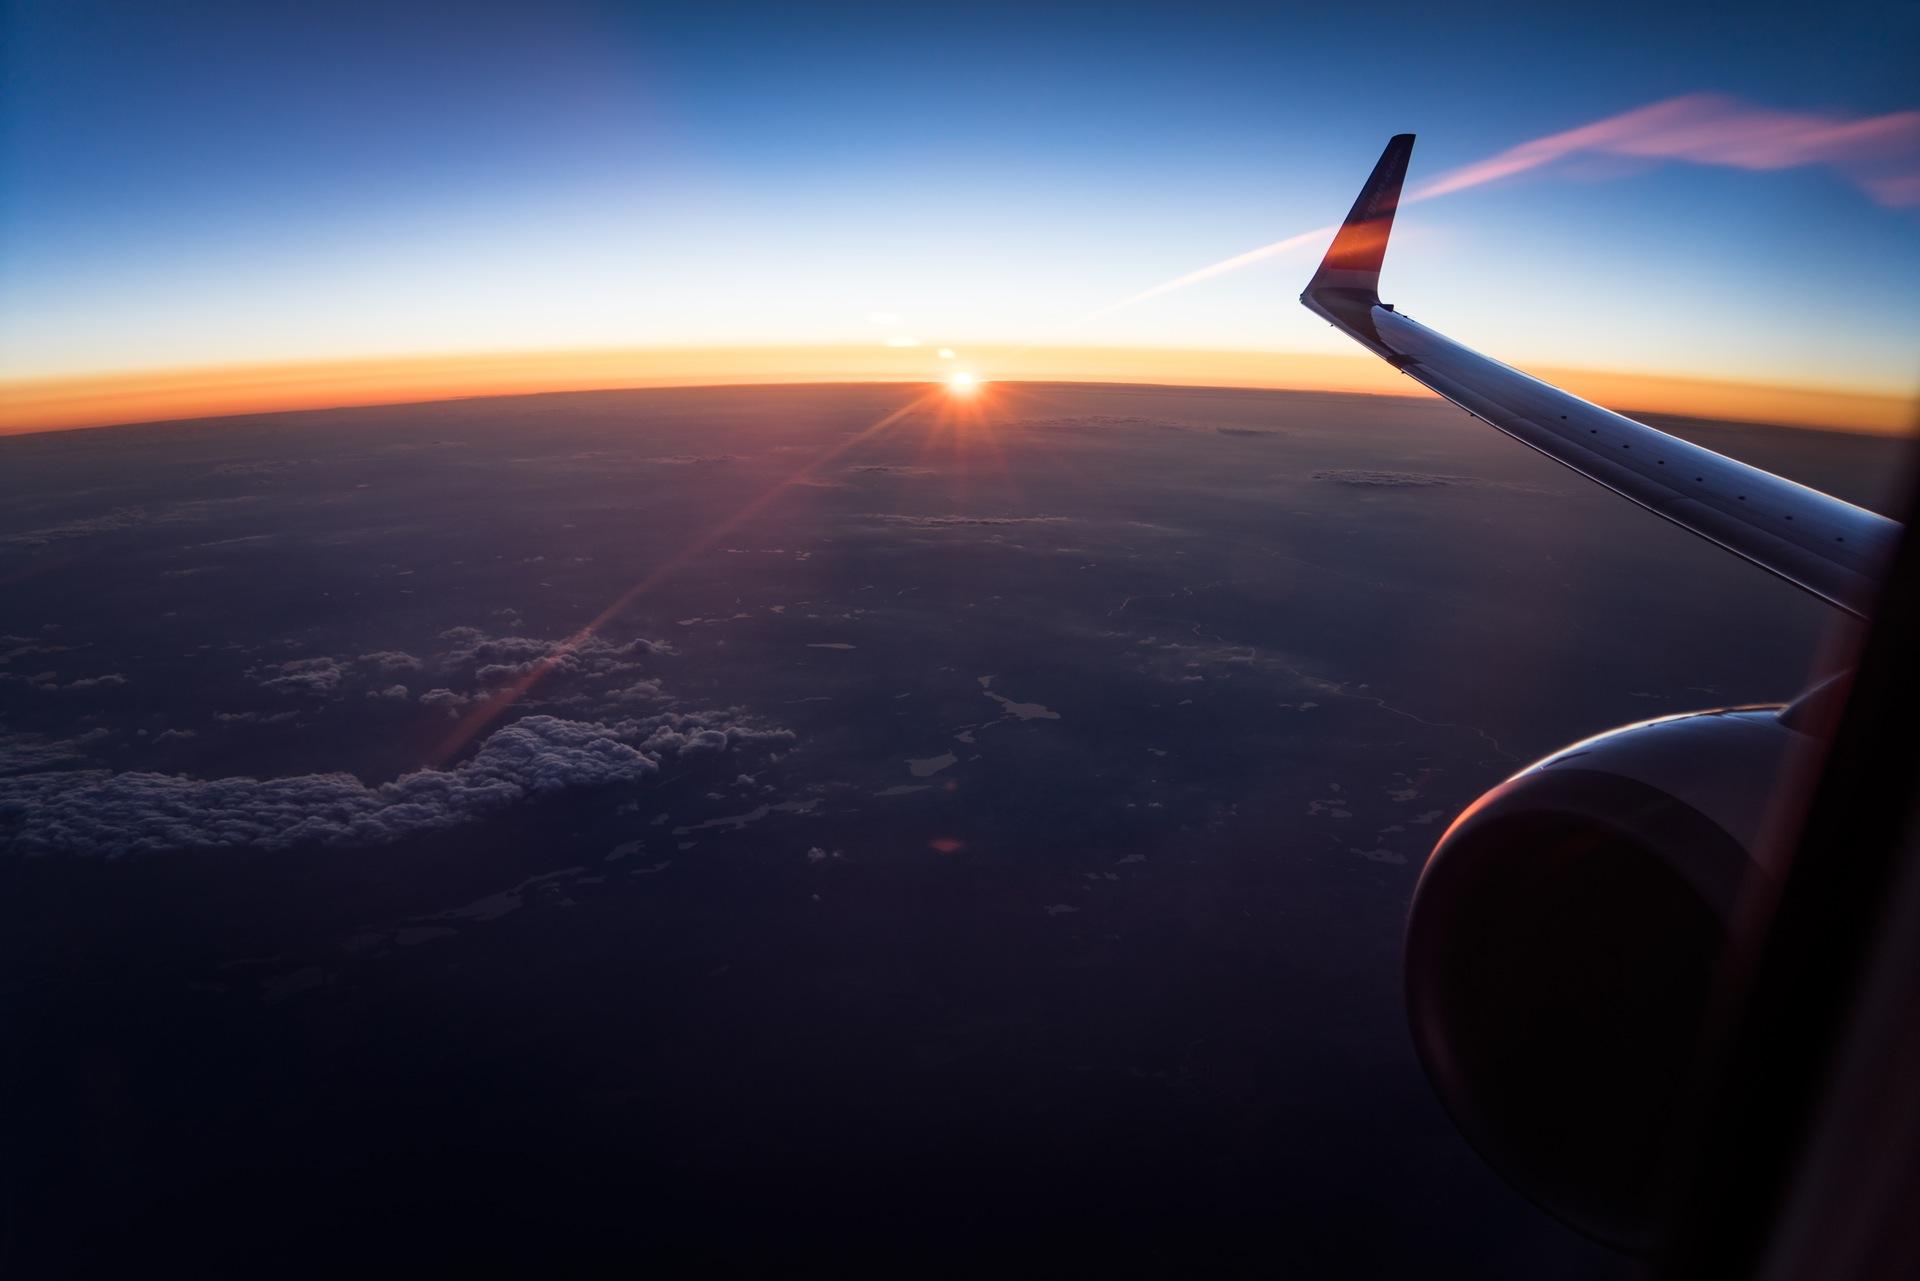 天空, 飞机, 云彩, 日落, 太阳, 飞 - 高清壁纸 - 教授-falken.com